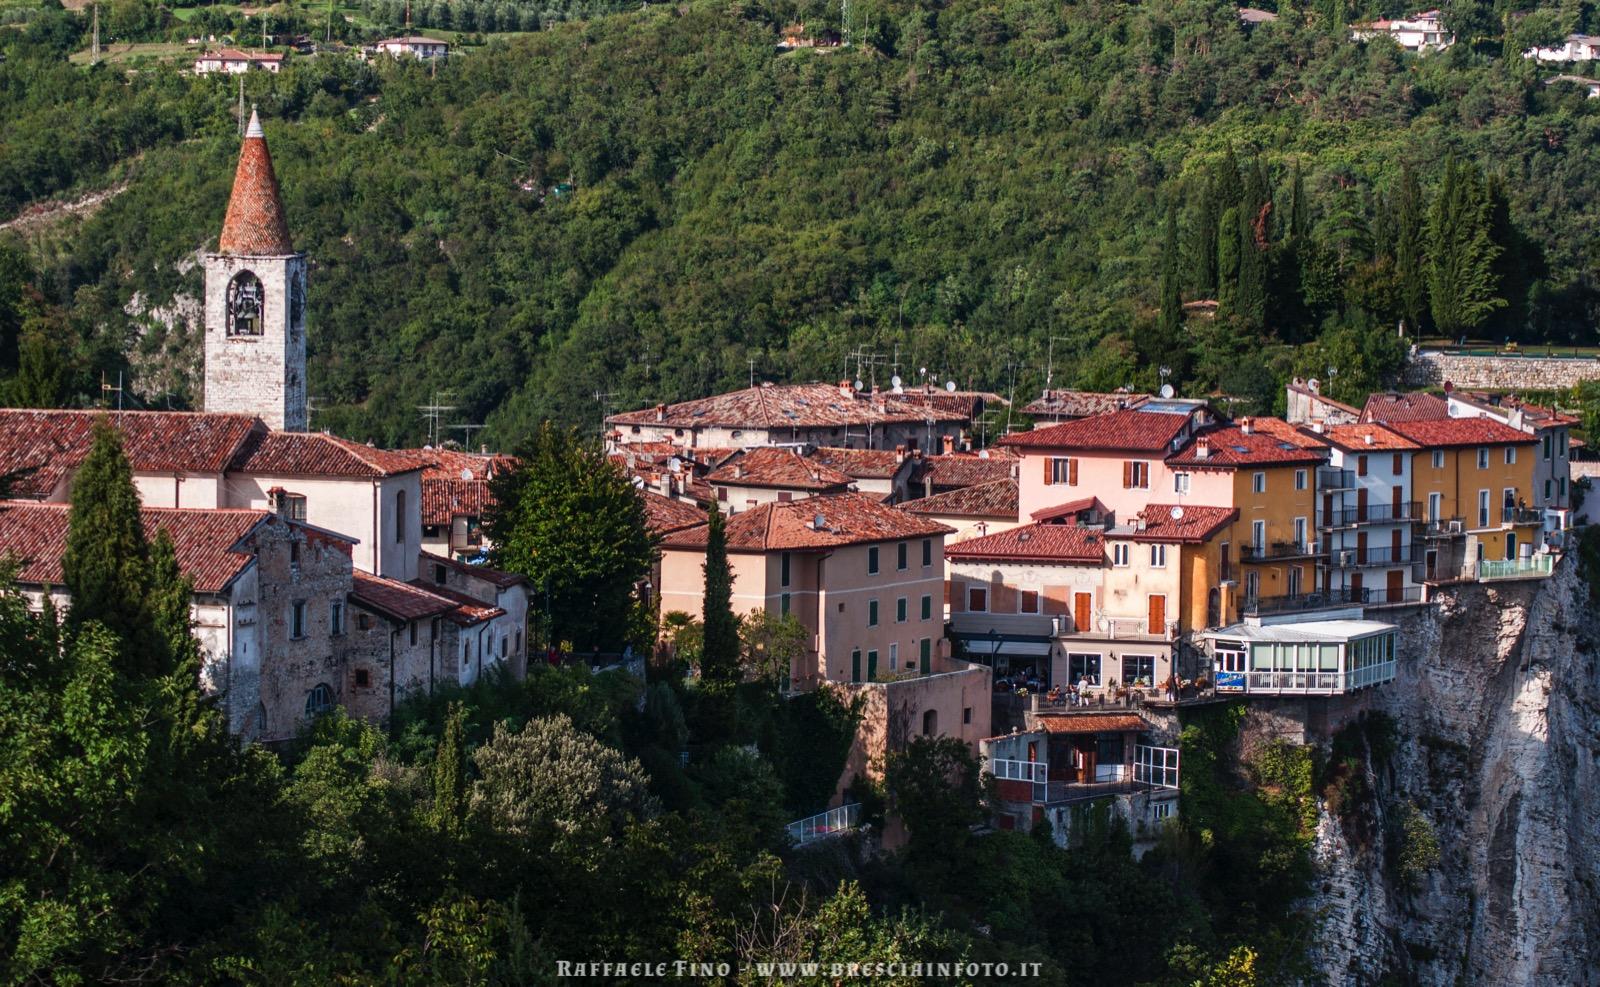 Terrazza del brivido a Tremosine - Brescia In Foto